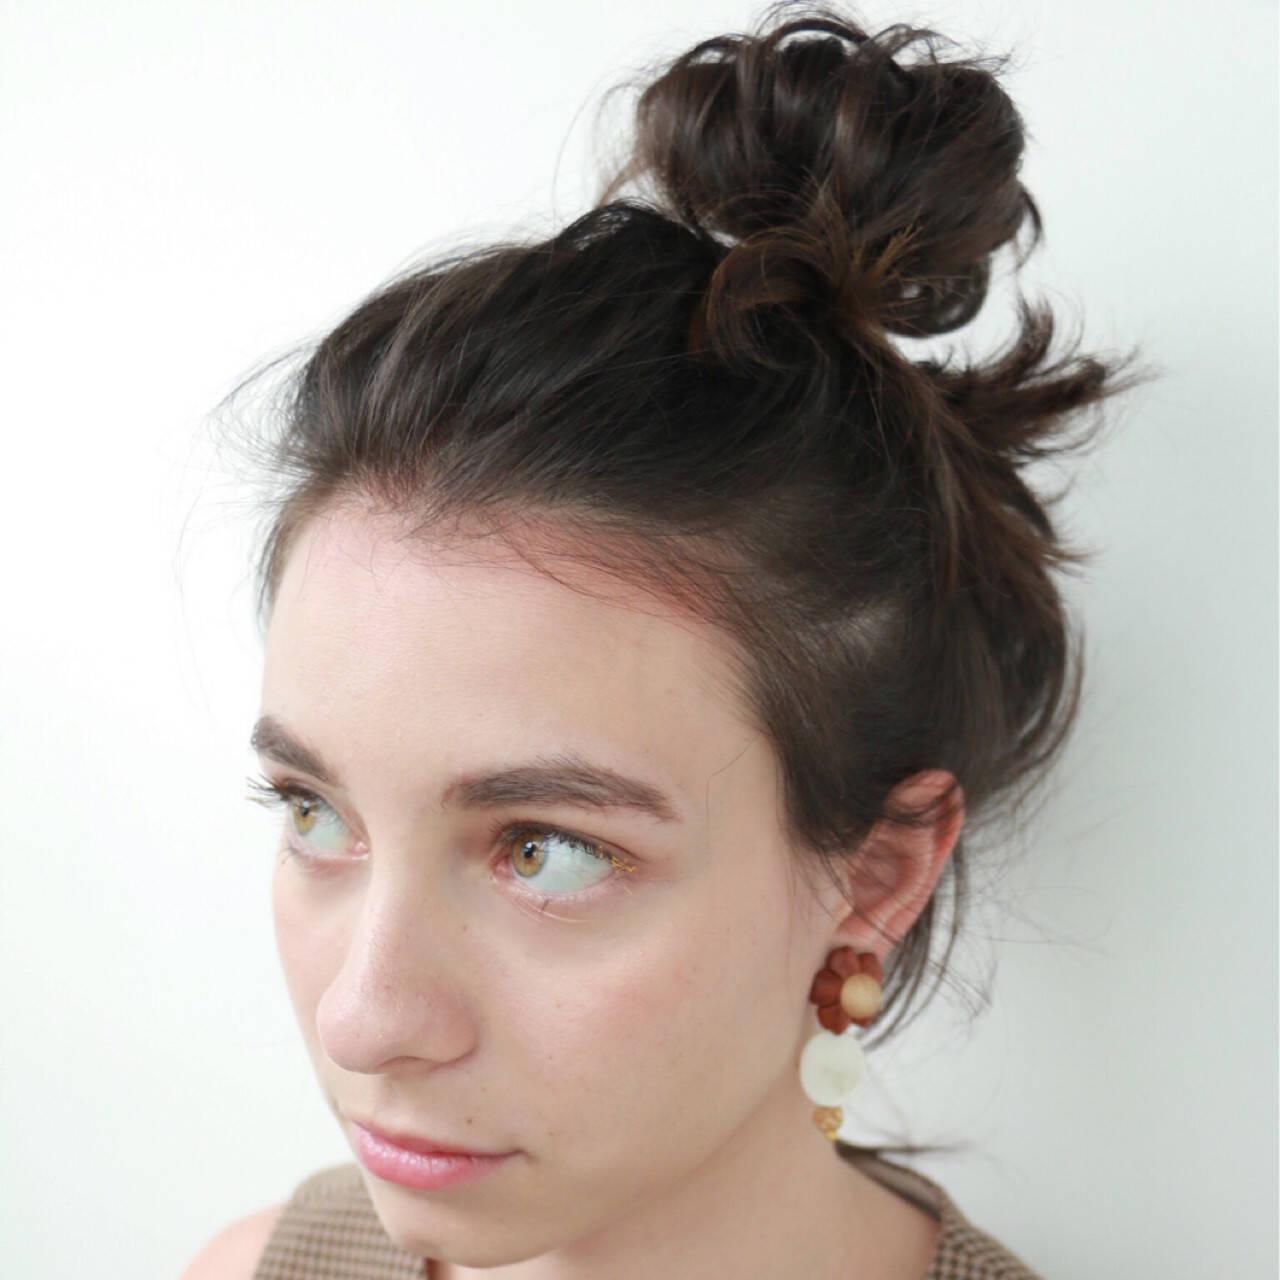 シニヨン ヘアアレンジ お団子 大人かわいいヘアスタイルや髪型の写真・画像